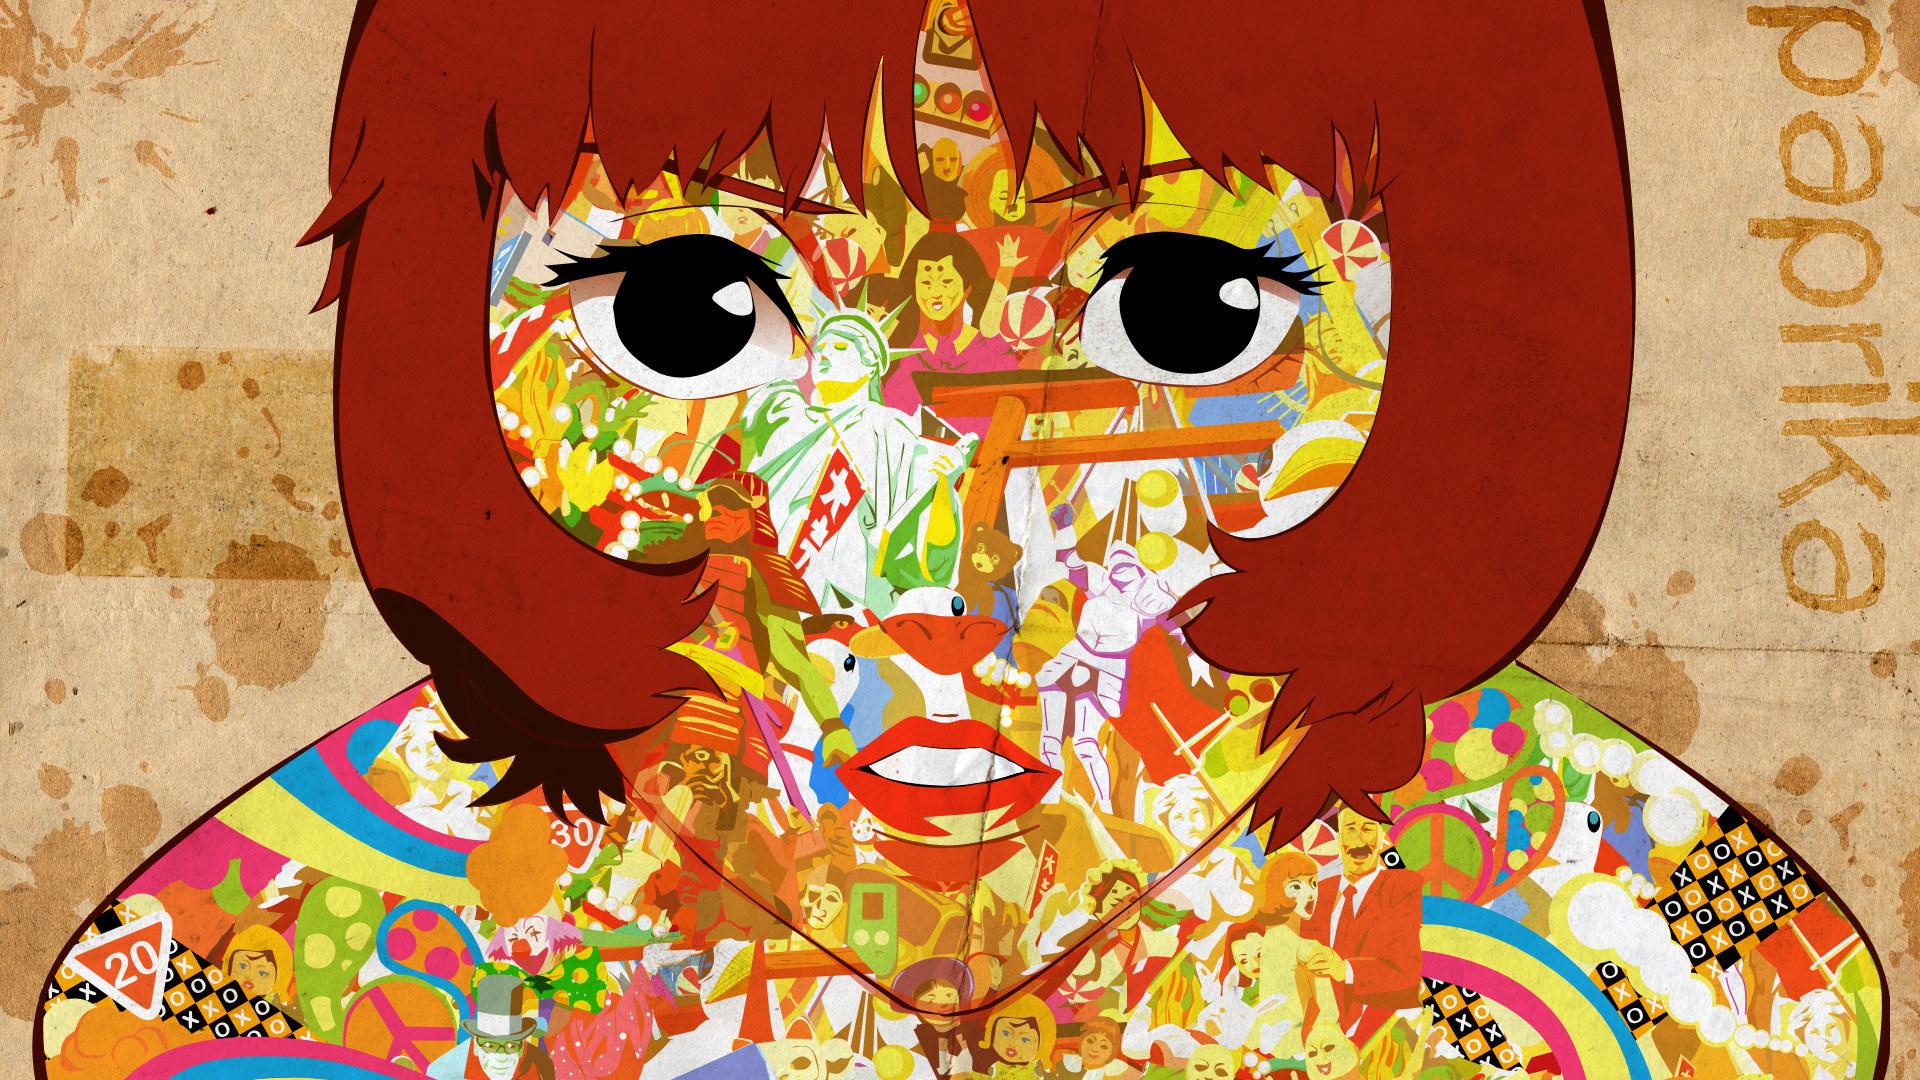 http://onlyhdwallpapers.com/thumbnail/paprika_kon_satoshi_desktop_1920x1080_hd-wallpaper-867542.jpg